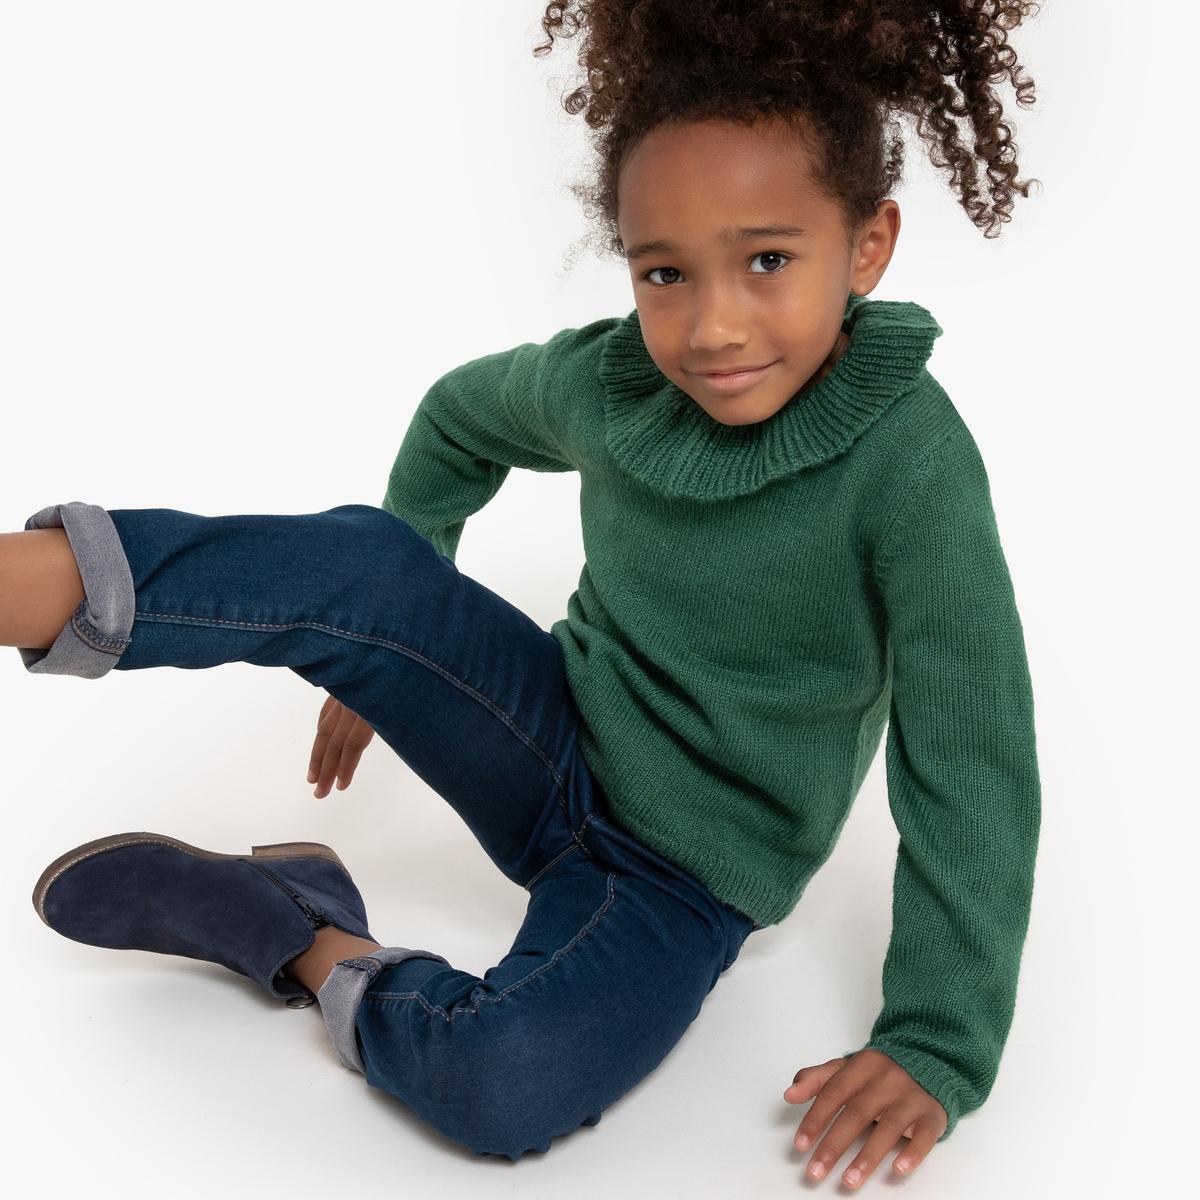 Пуловер La Redoute С круглым вырезом с воланами из тонкого трикотажа 12 лет -150 см зеленый пуловер la redoute с круглым вырезом из шерсти мериноса pascal 3xl черный